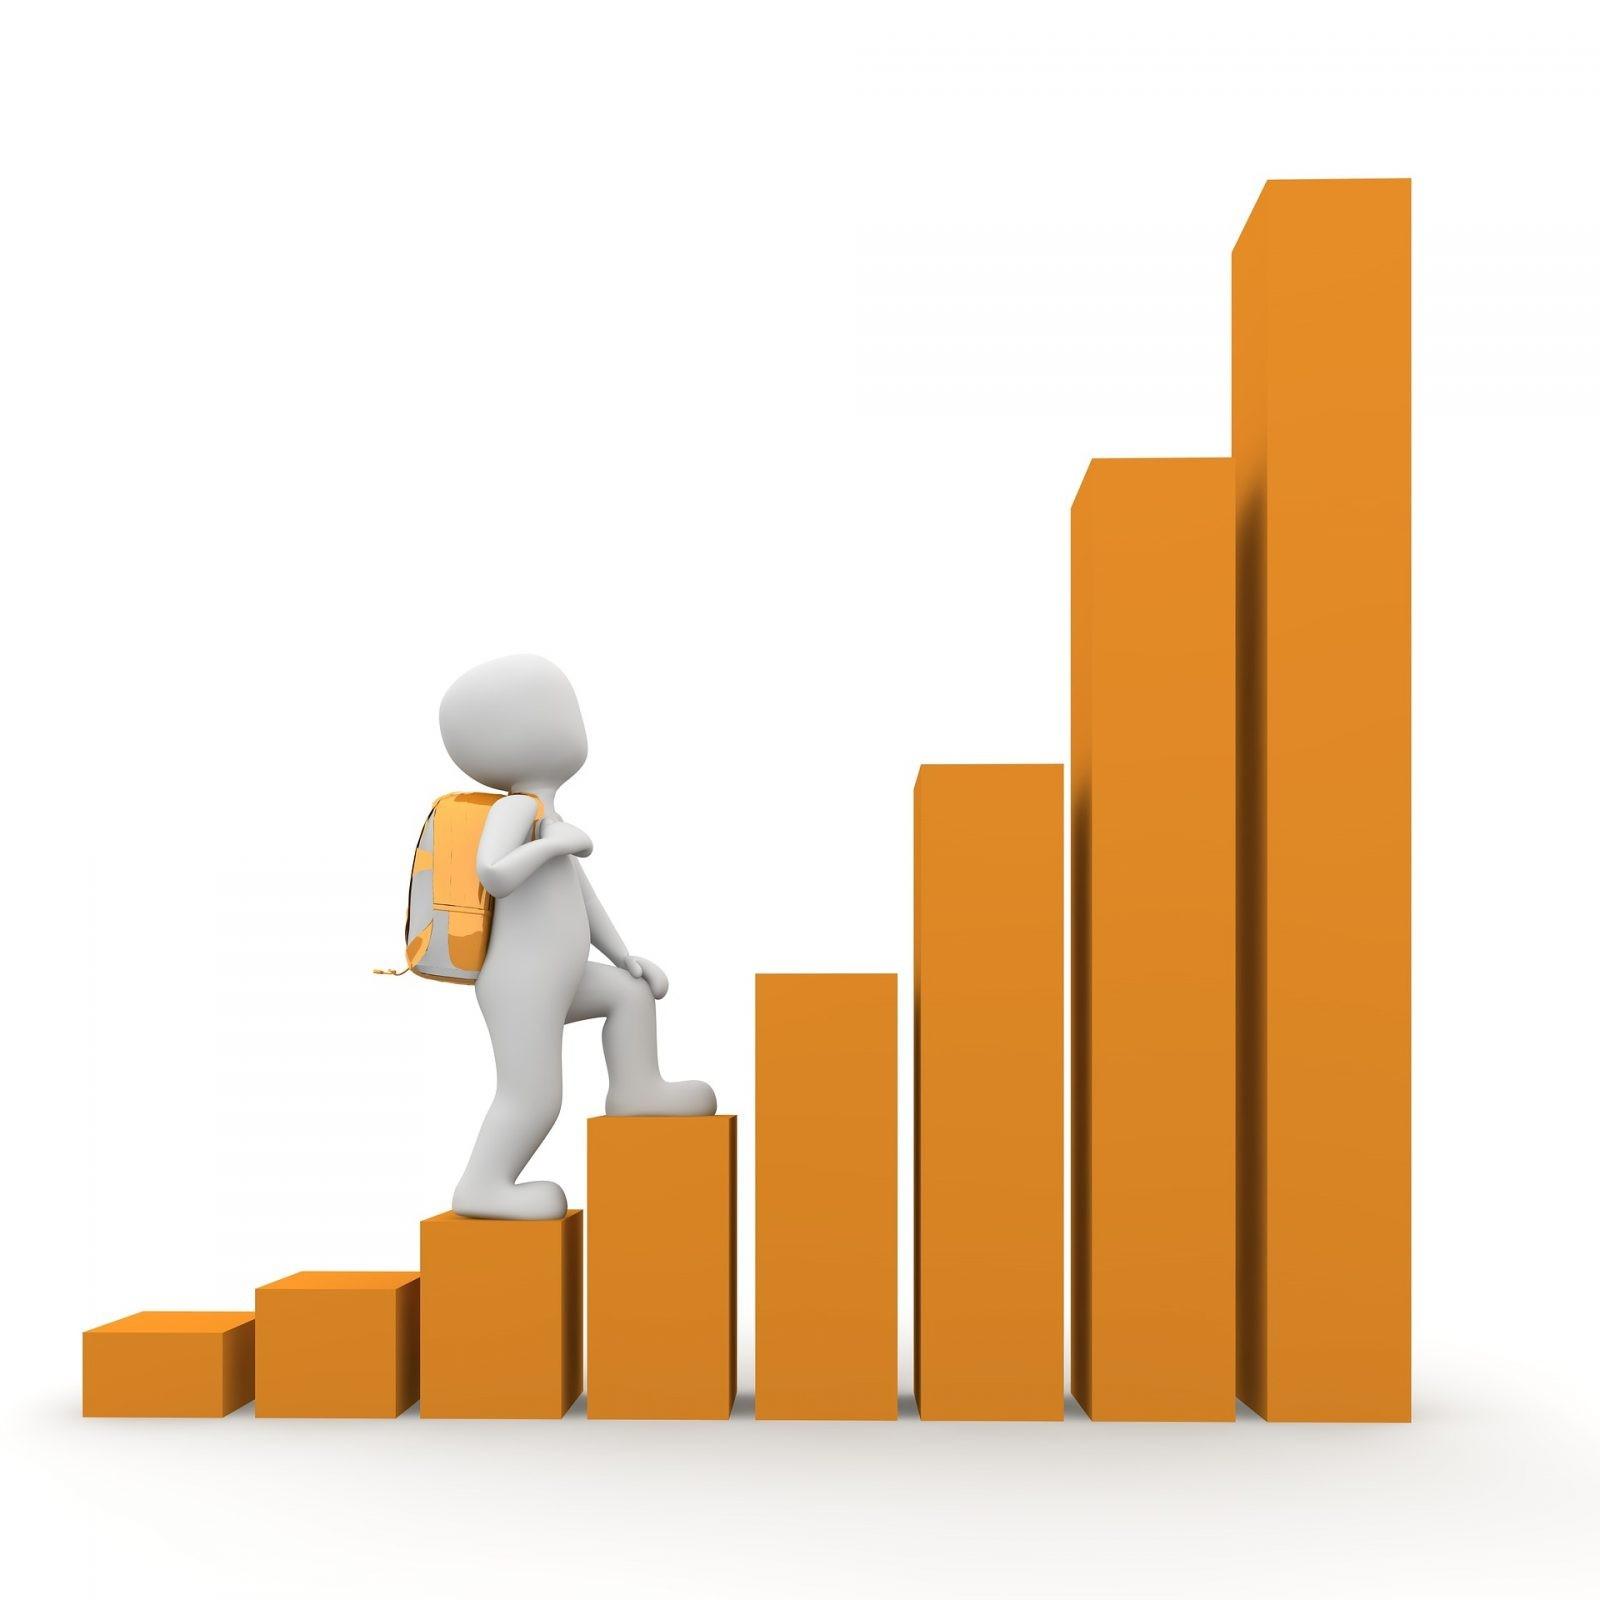 الطريق إلى النجاح 10 أسباب تمكنك من تحقيق النجاح في الحياة